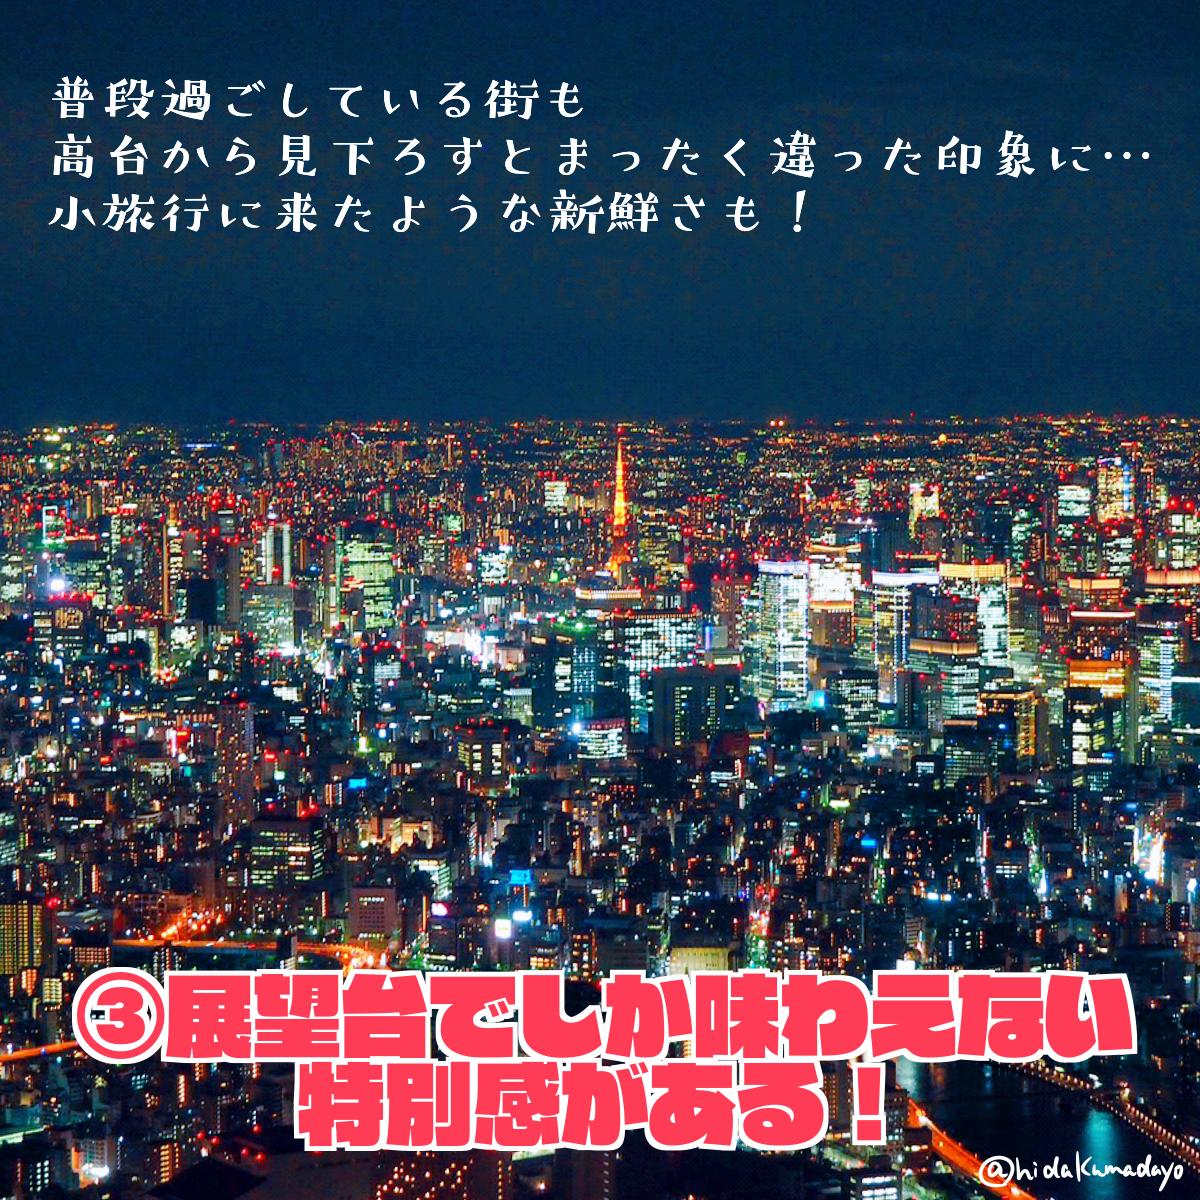 f:id:hidakumadayo:20190329233225p:plain